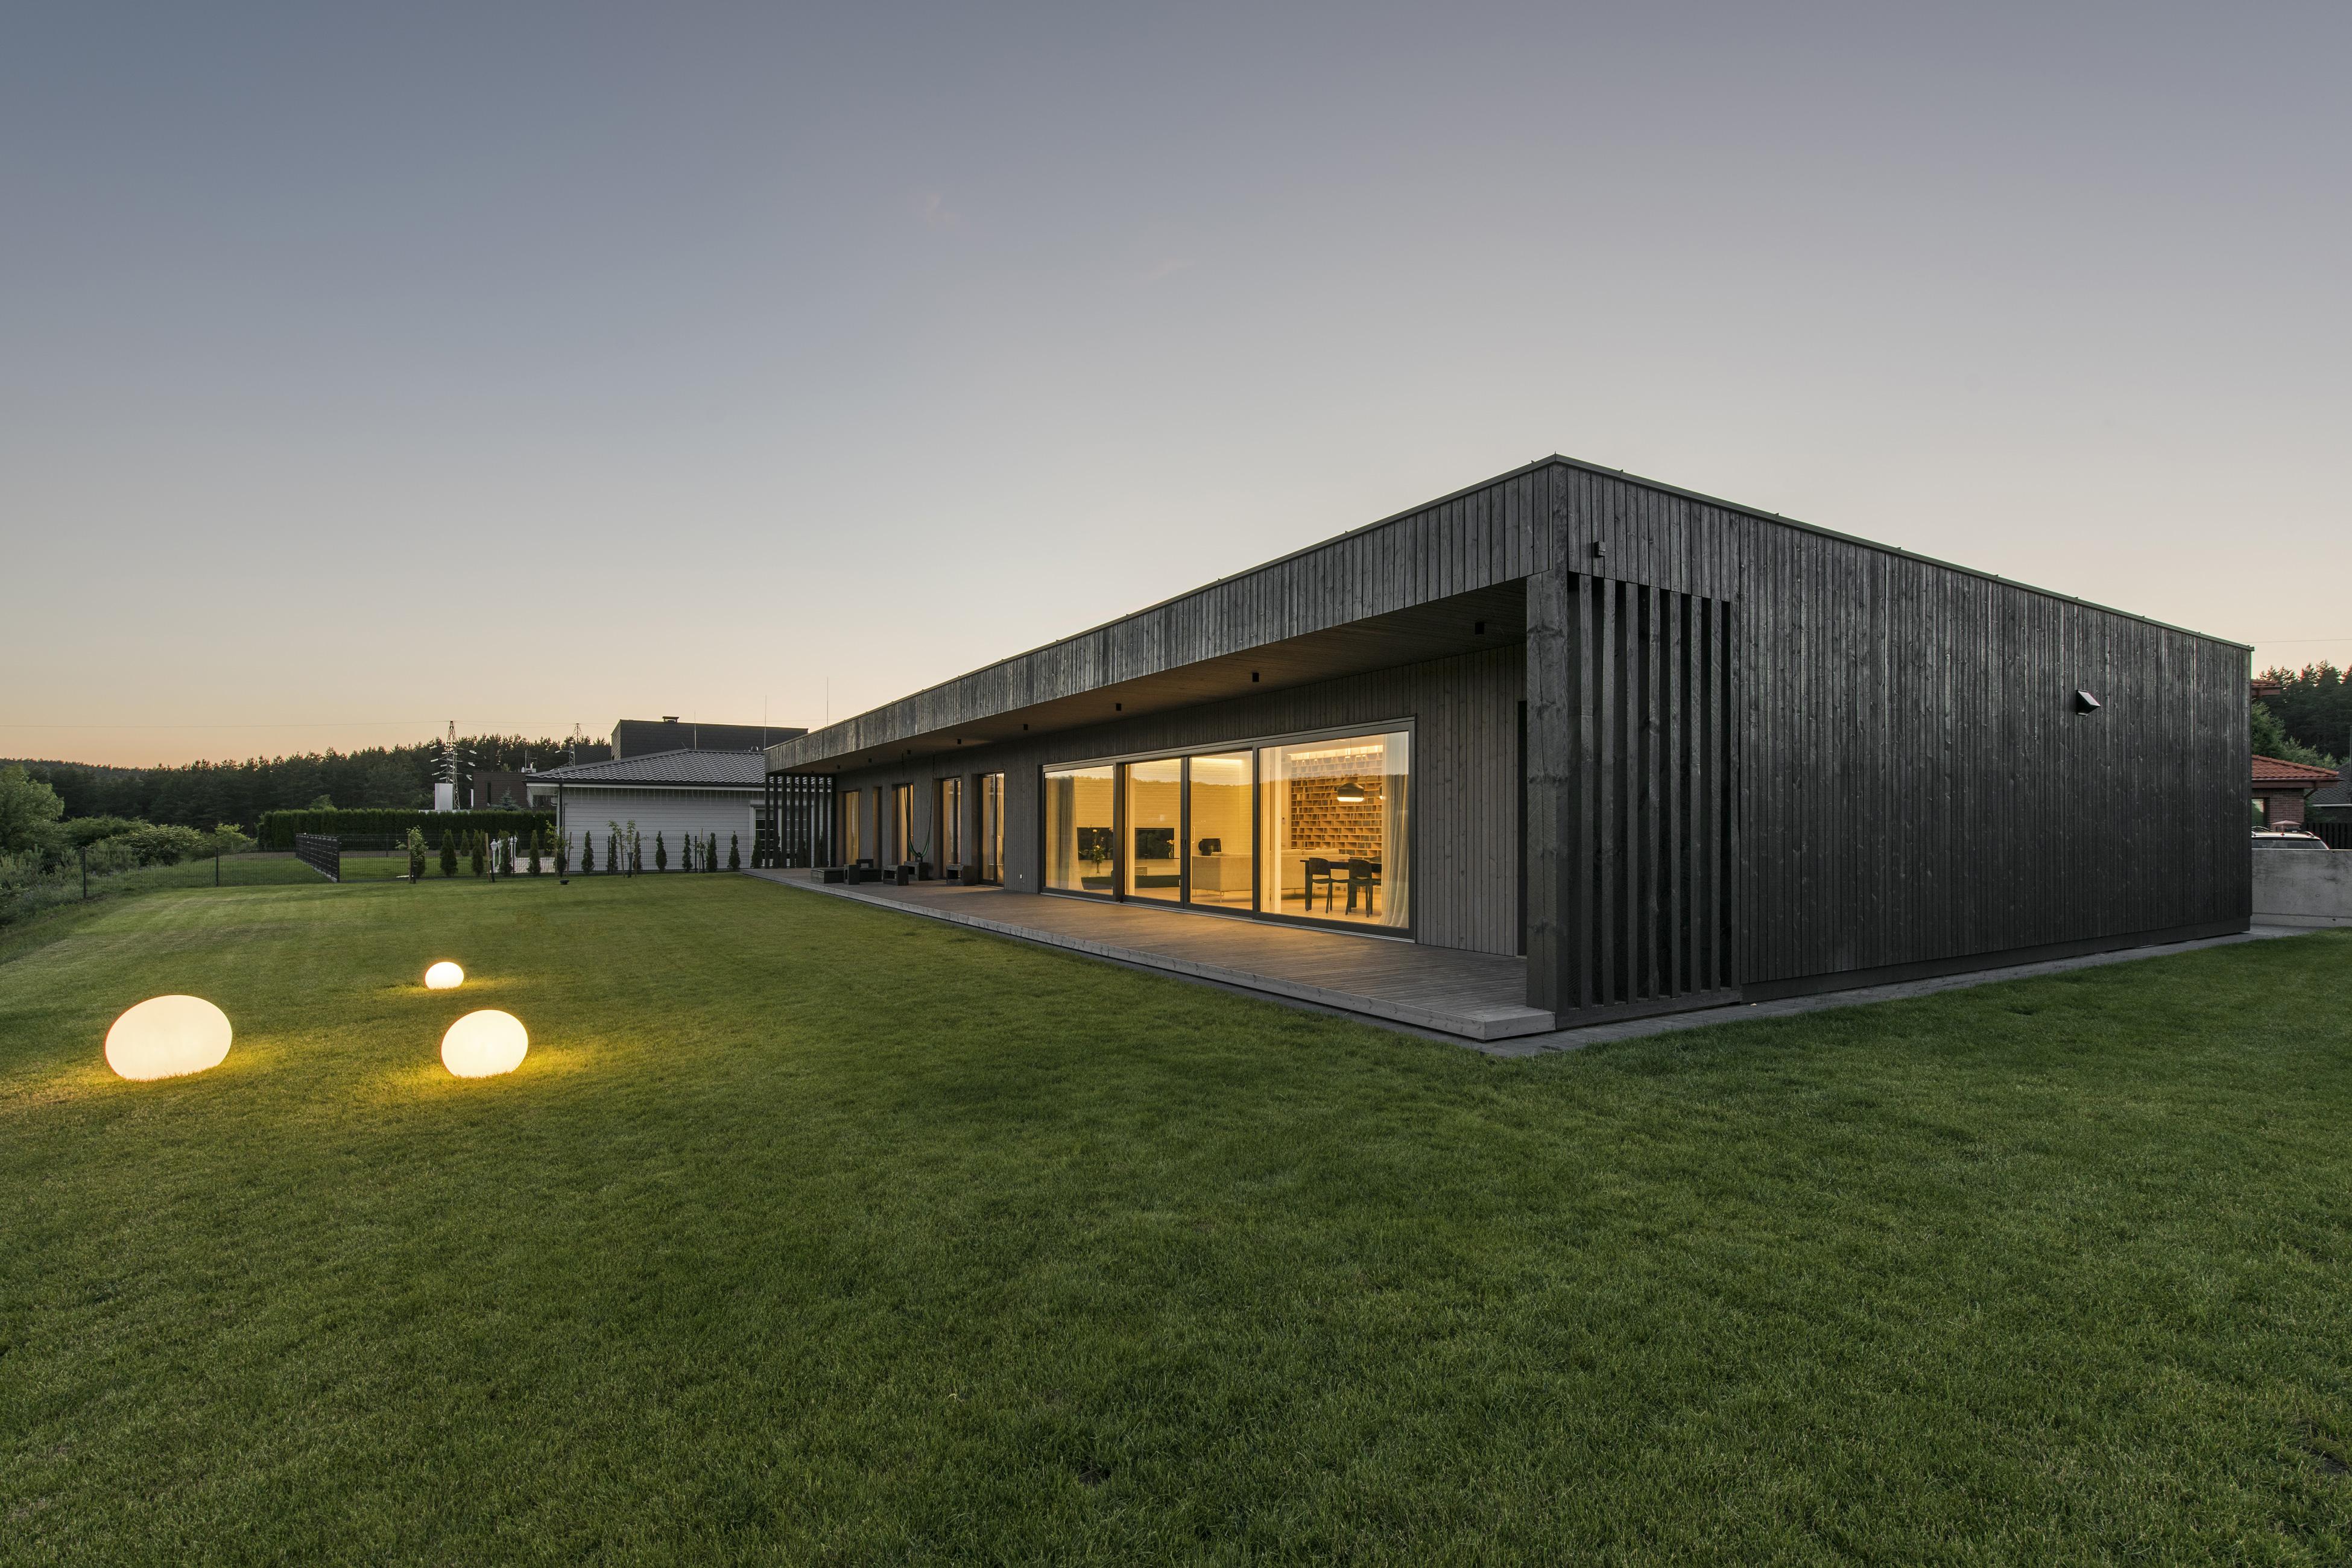 PAO Architects